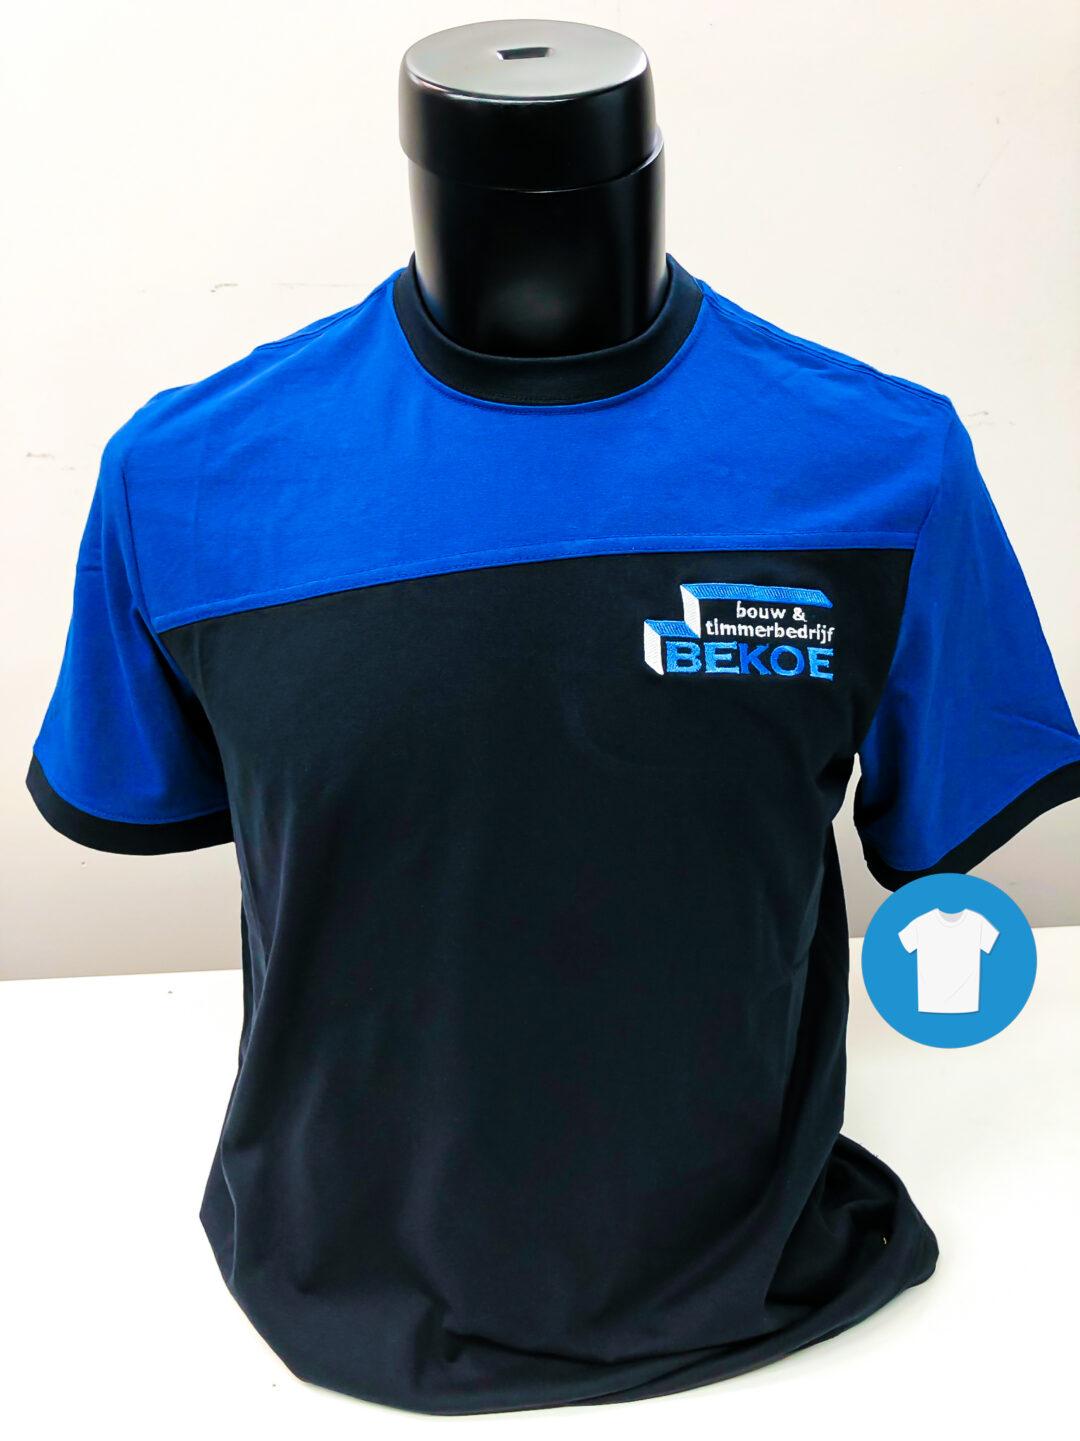 Signaal Bedrijfskleding // Bekoe // Werkkleding voorzien van een geborduurd borstlogo